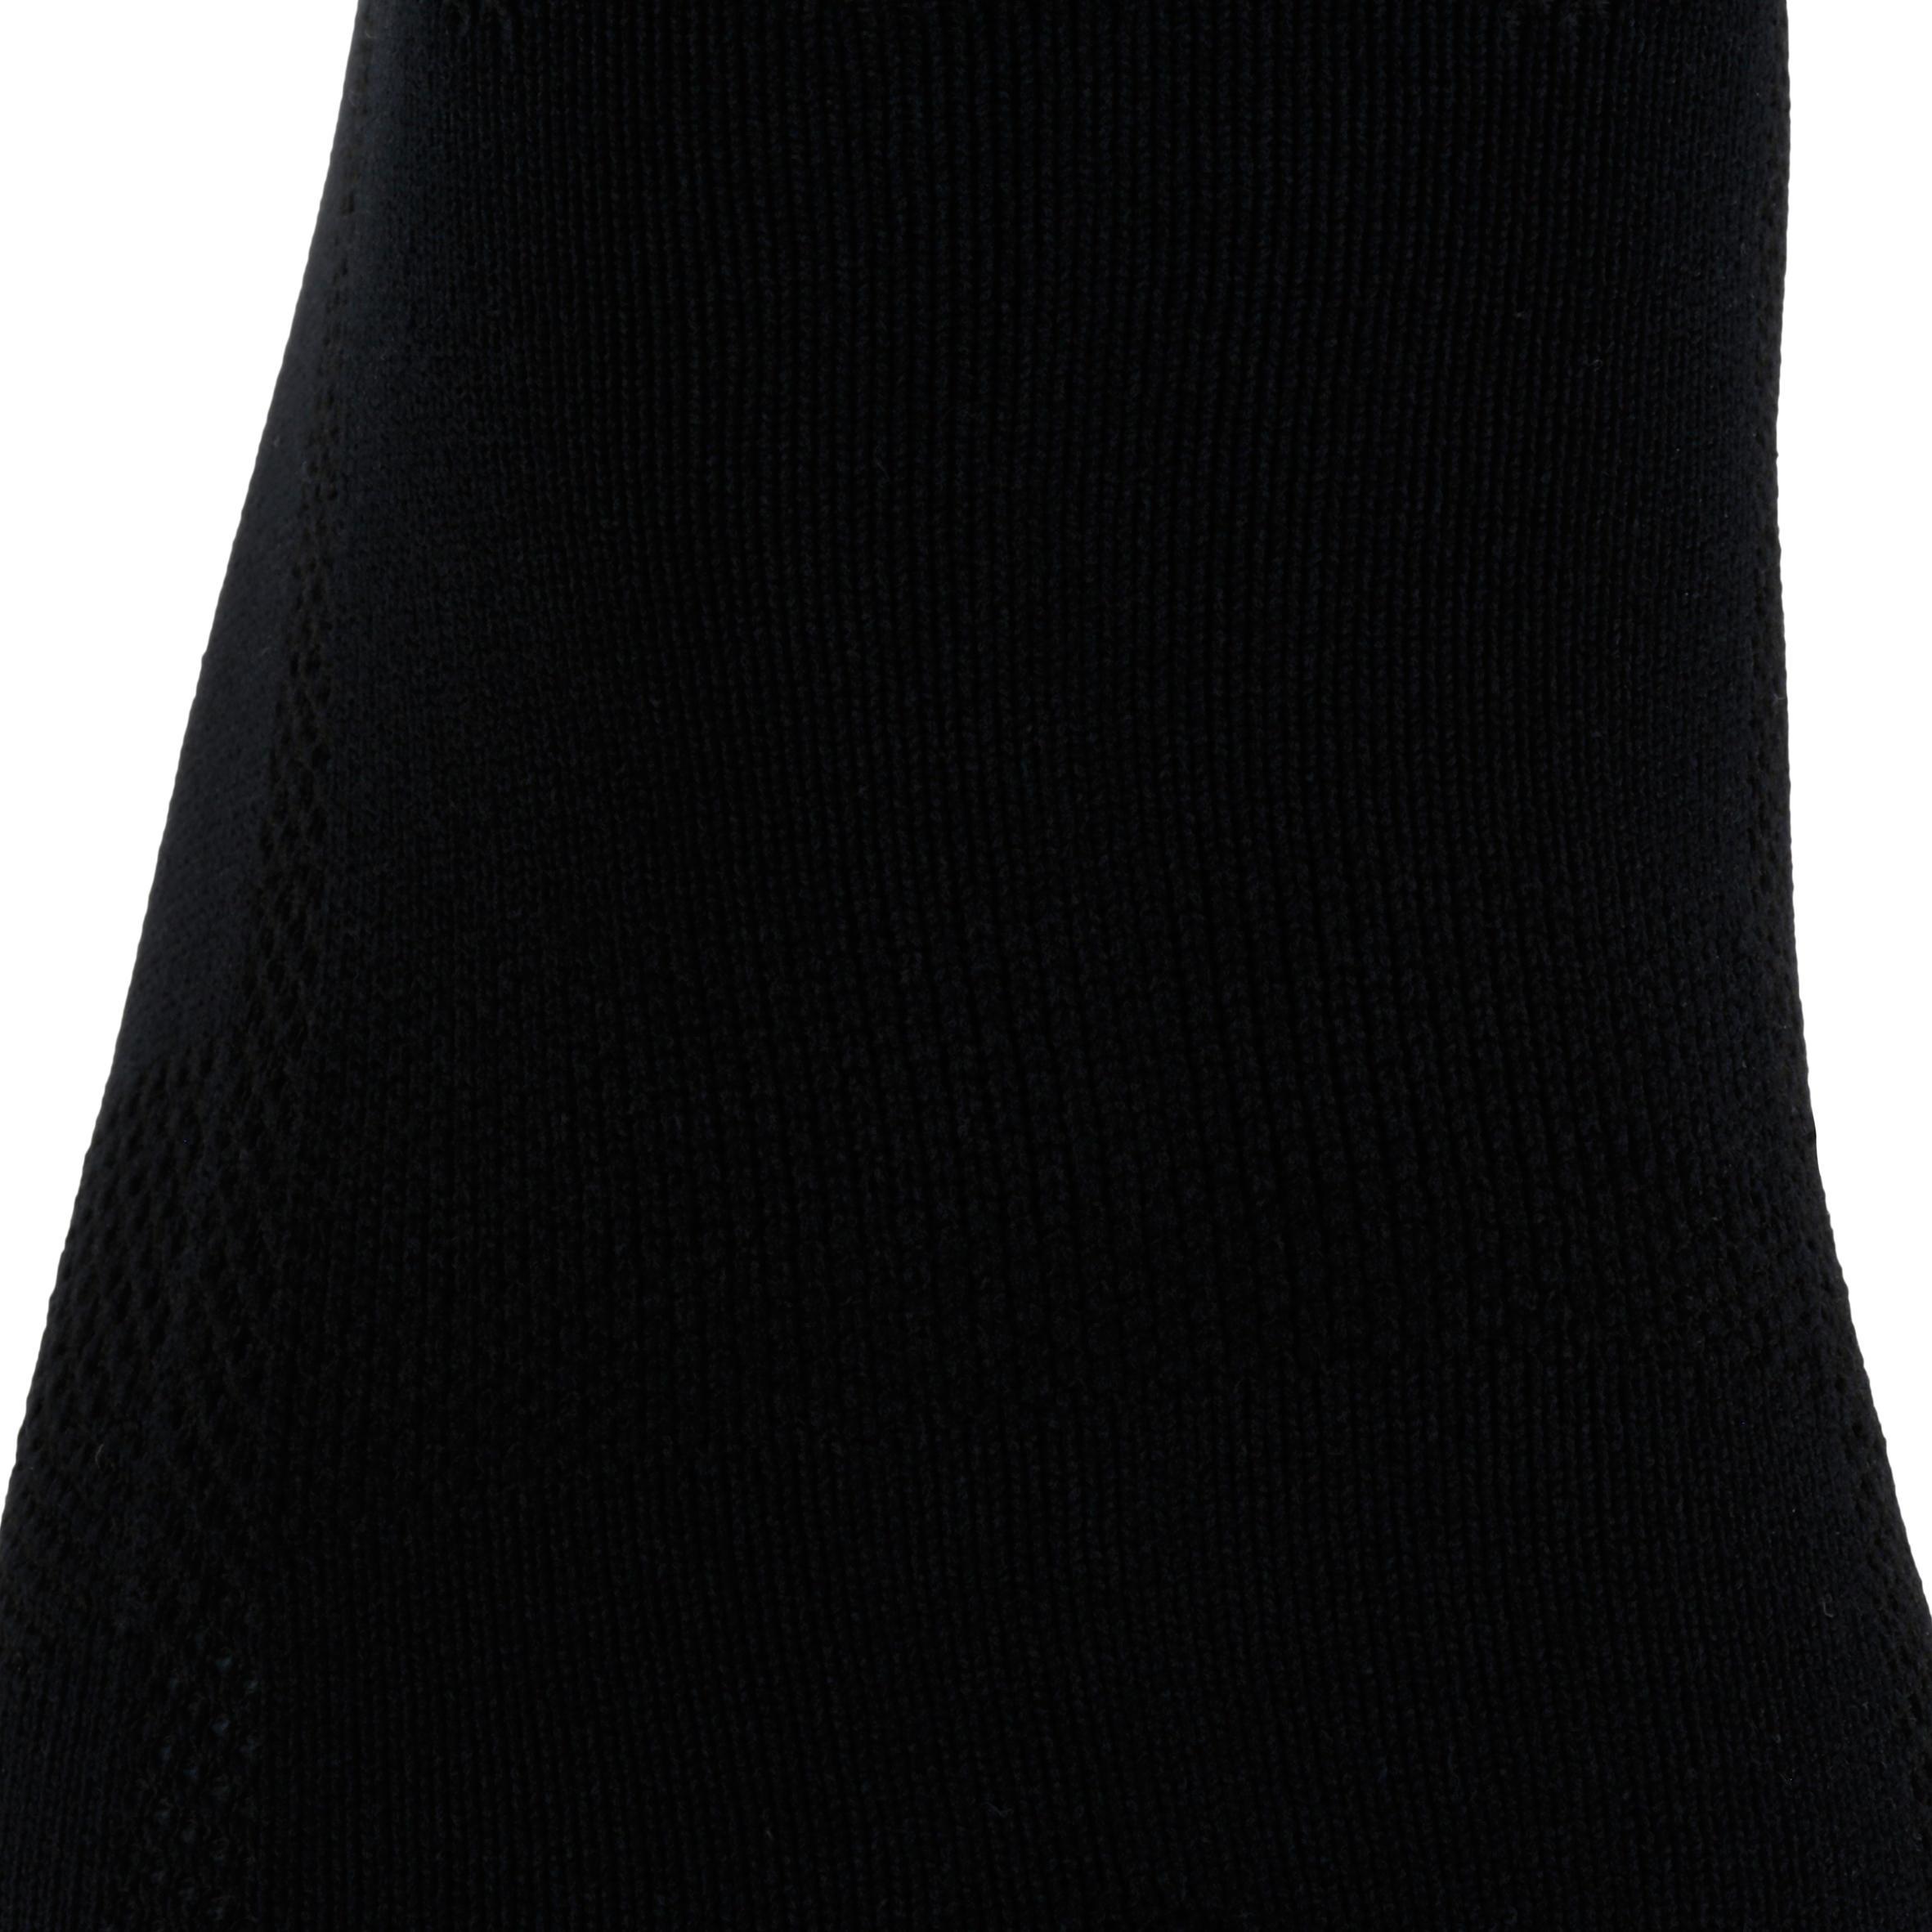 Chaussettes vélo ROADR 500 noir